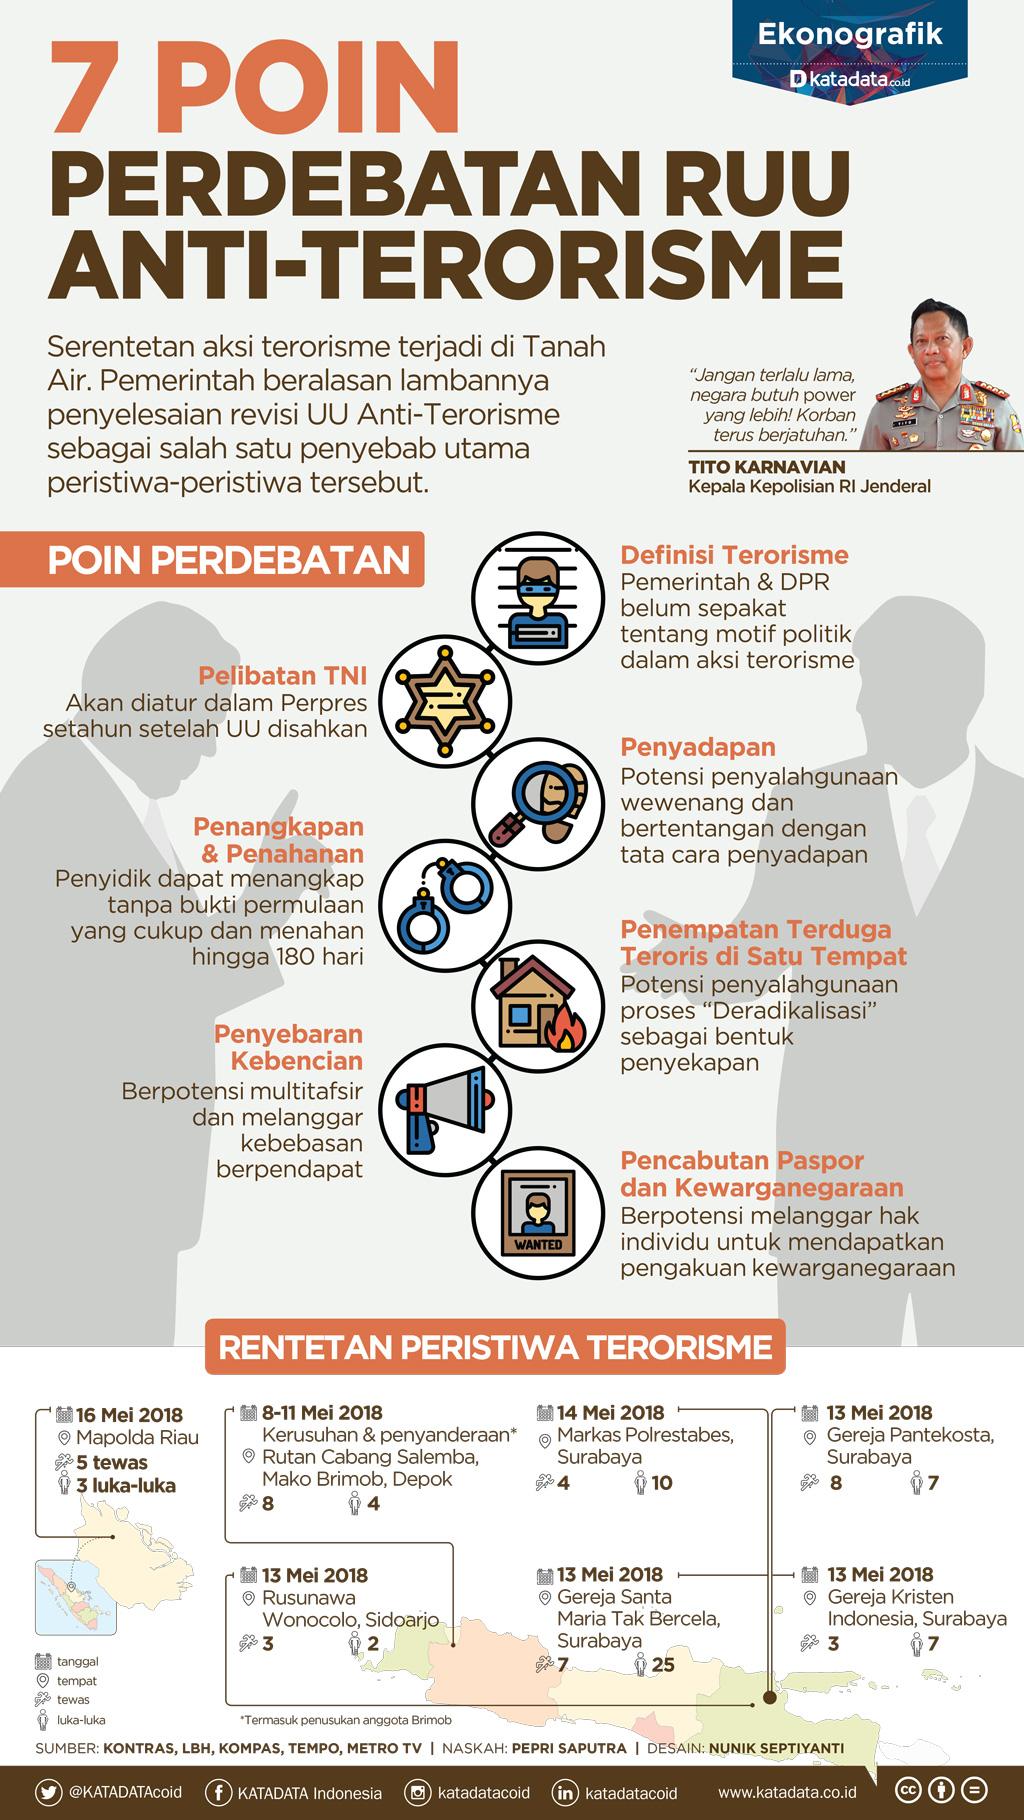 7 Poin Perdebatan RUU Anti-Terorisme